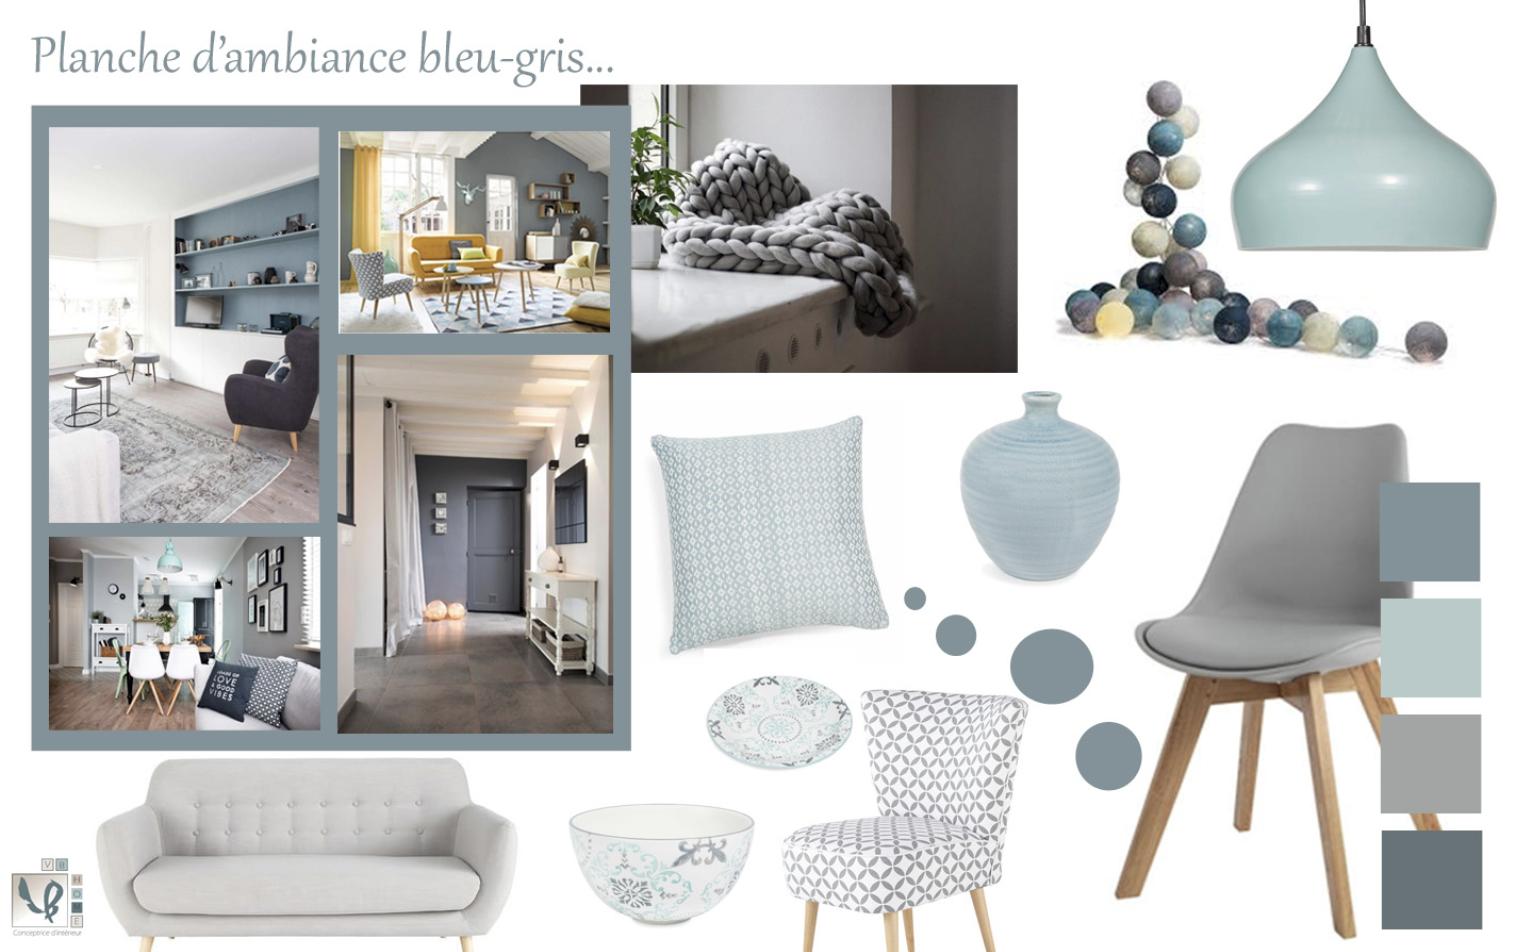 Planche d'ambiance bleu-gris